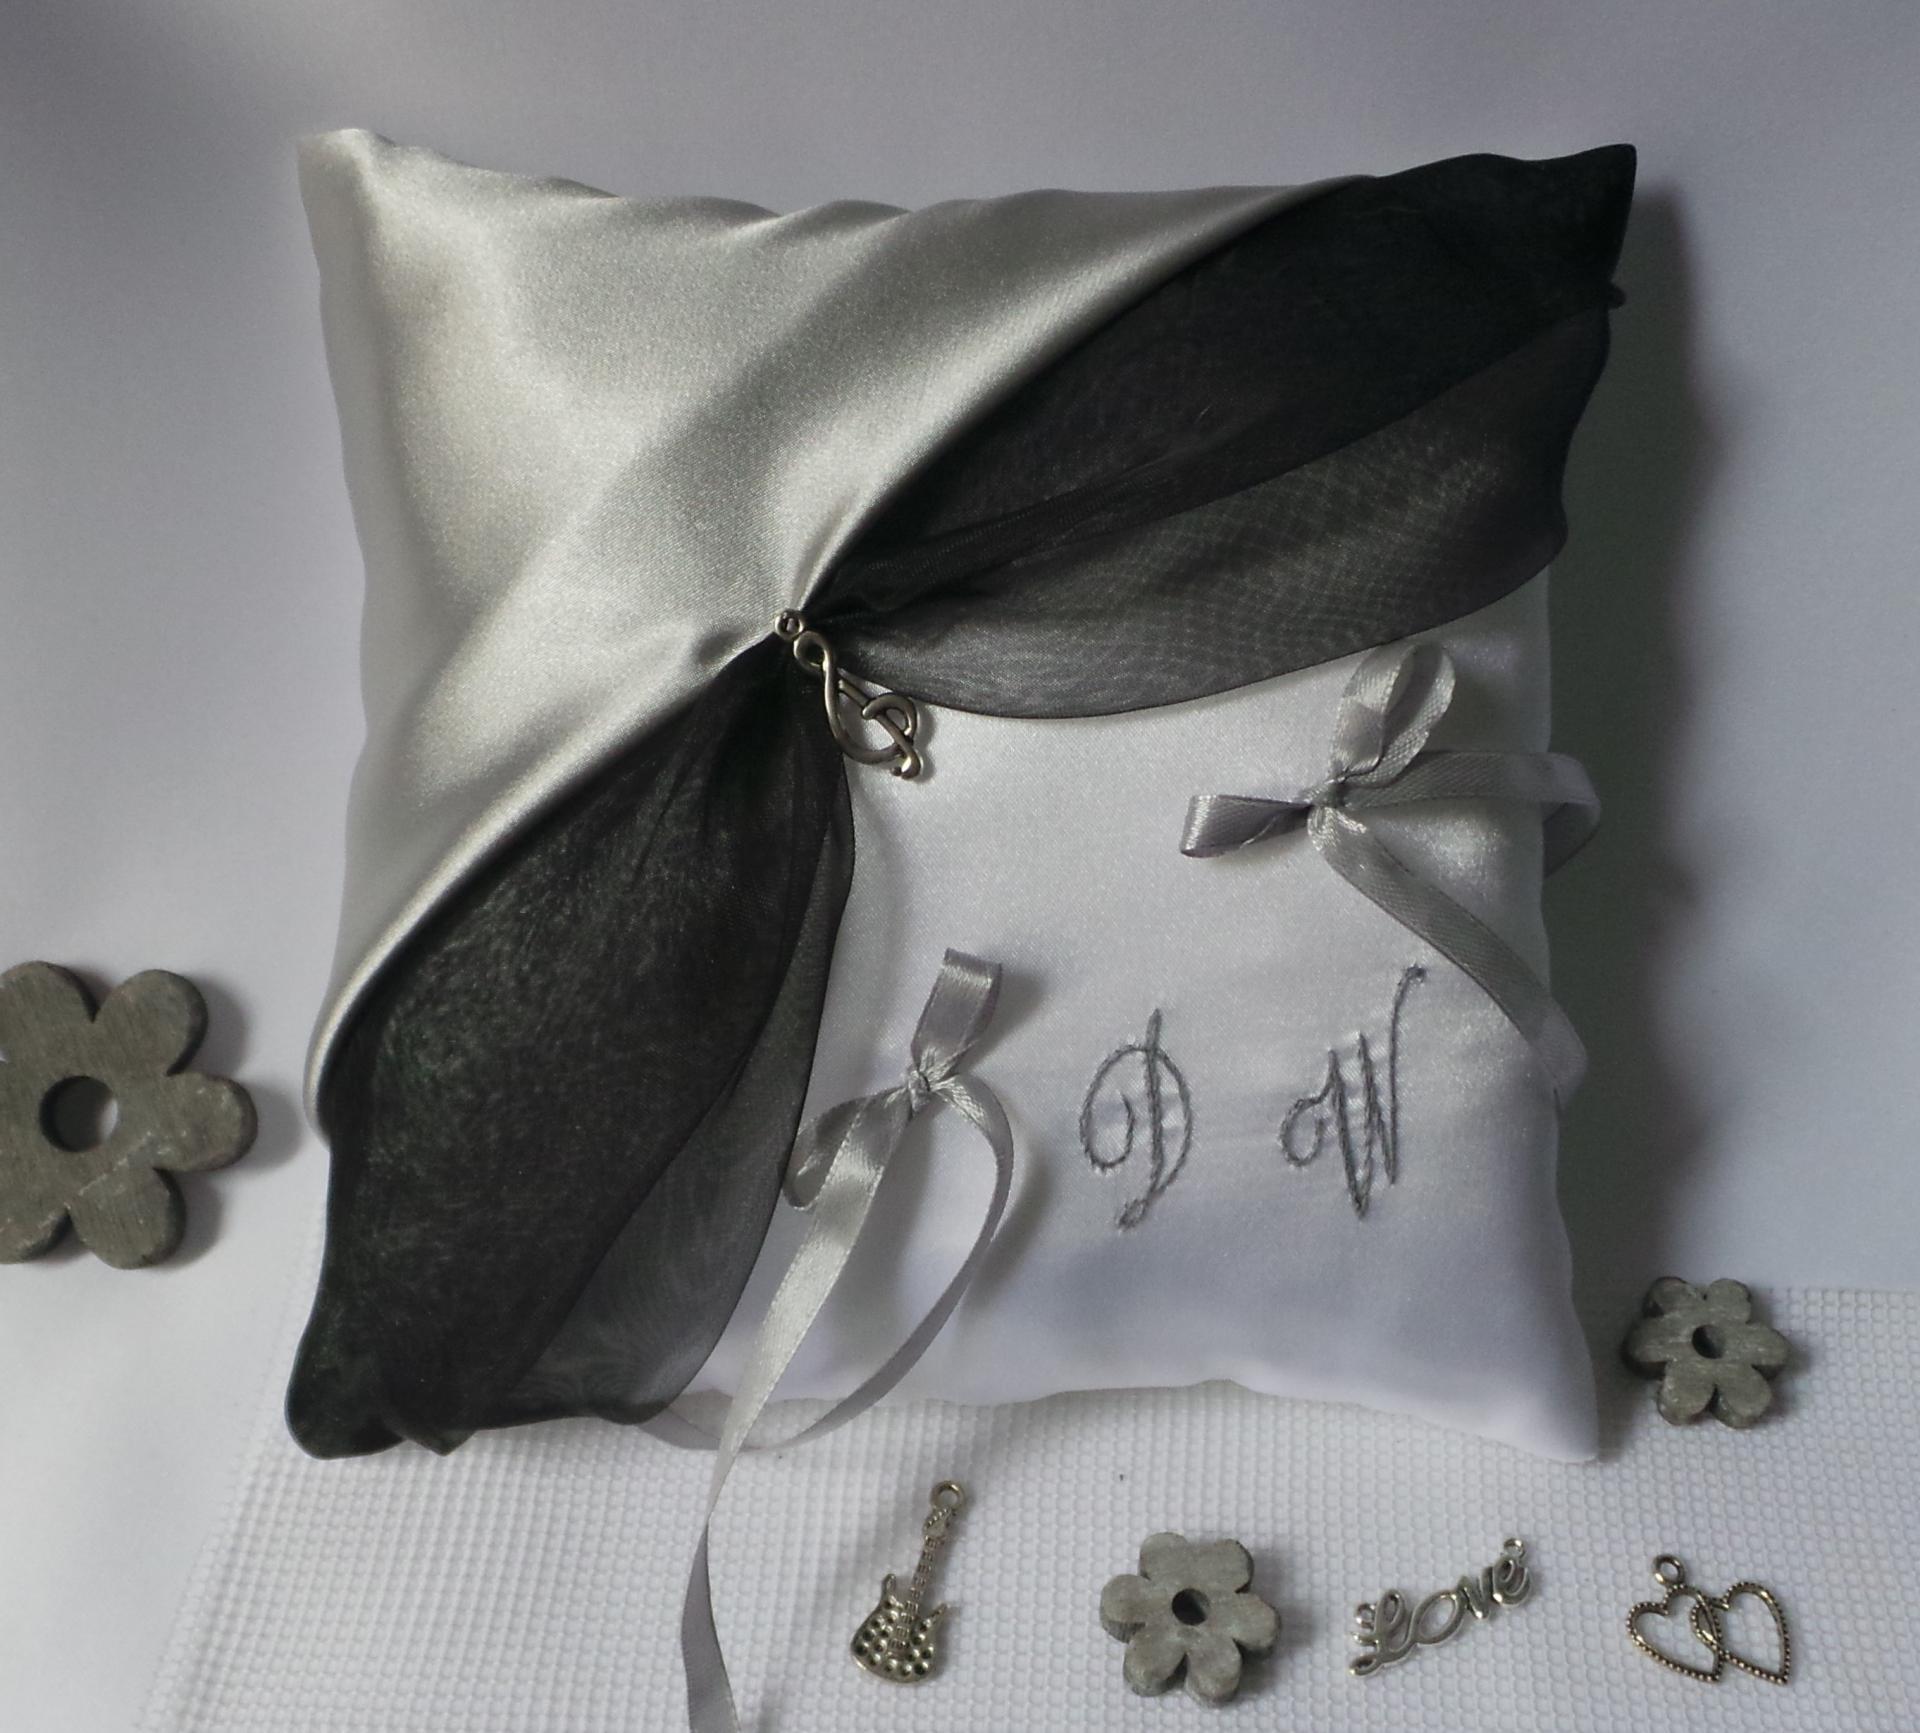 Coussin mariage thème musique noir et gris